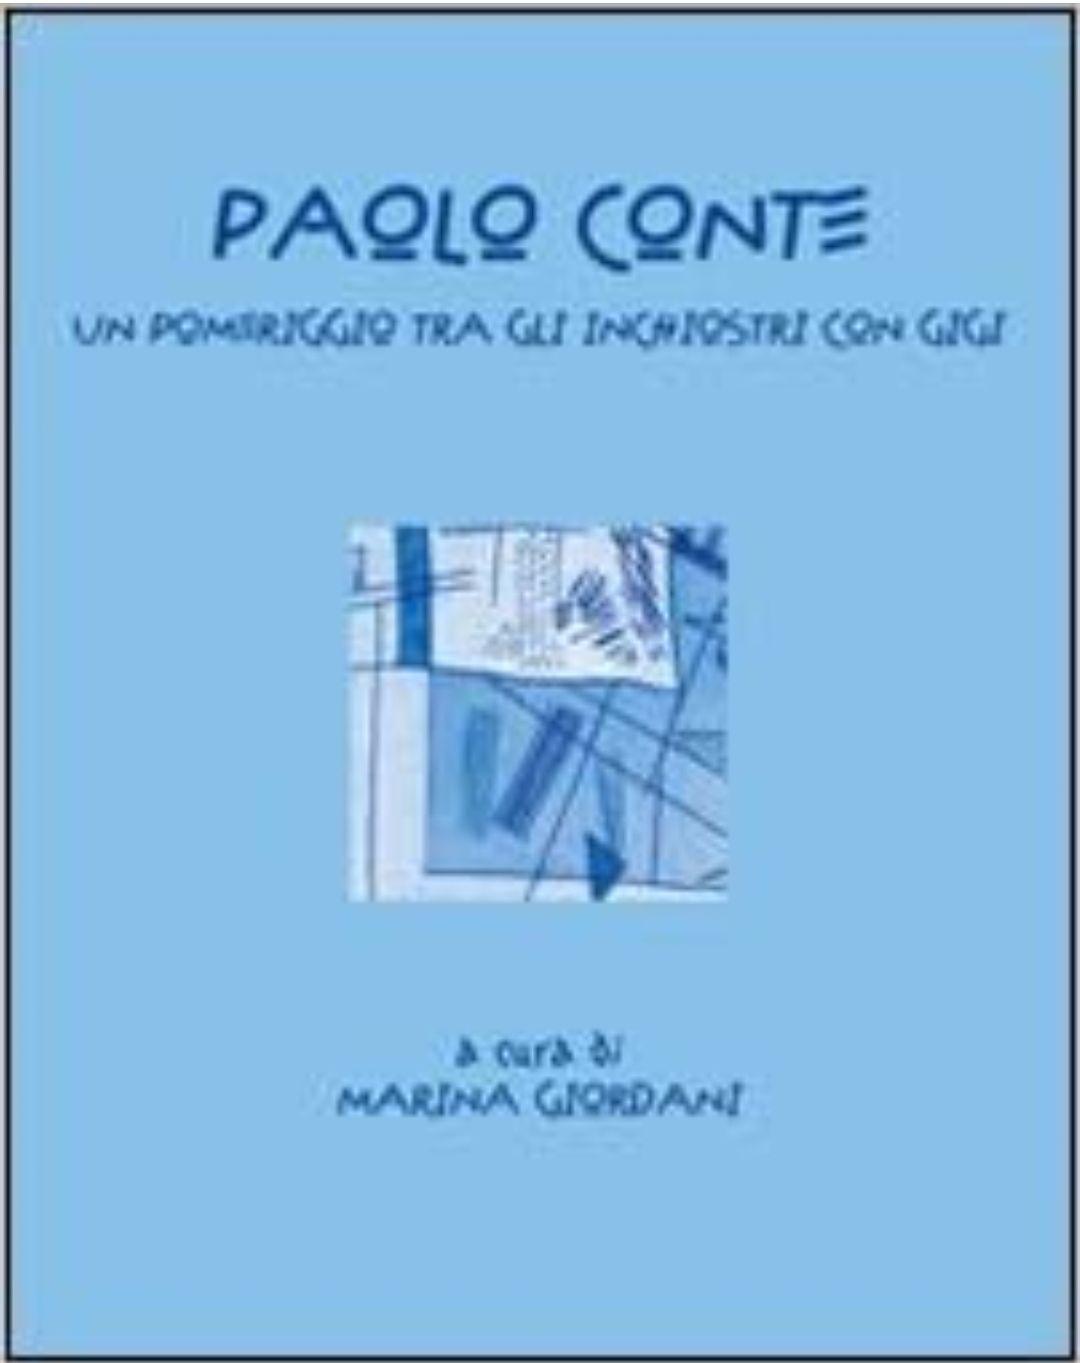 PAOLO CONTE UN POMERIGGIO TRA GLI INCHIOSTRI CON GIGI 2000 ARTE AUTOGRAFO. A 9,90 €